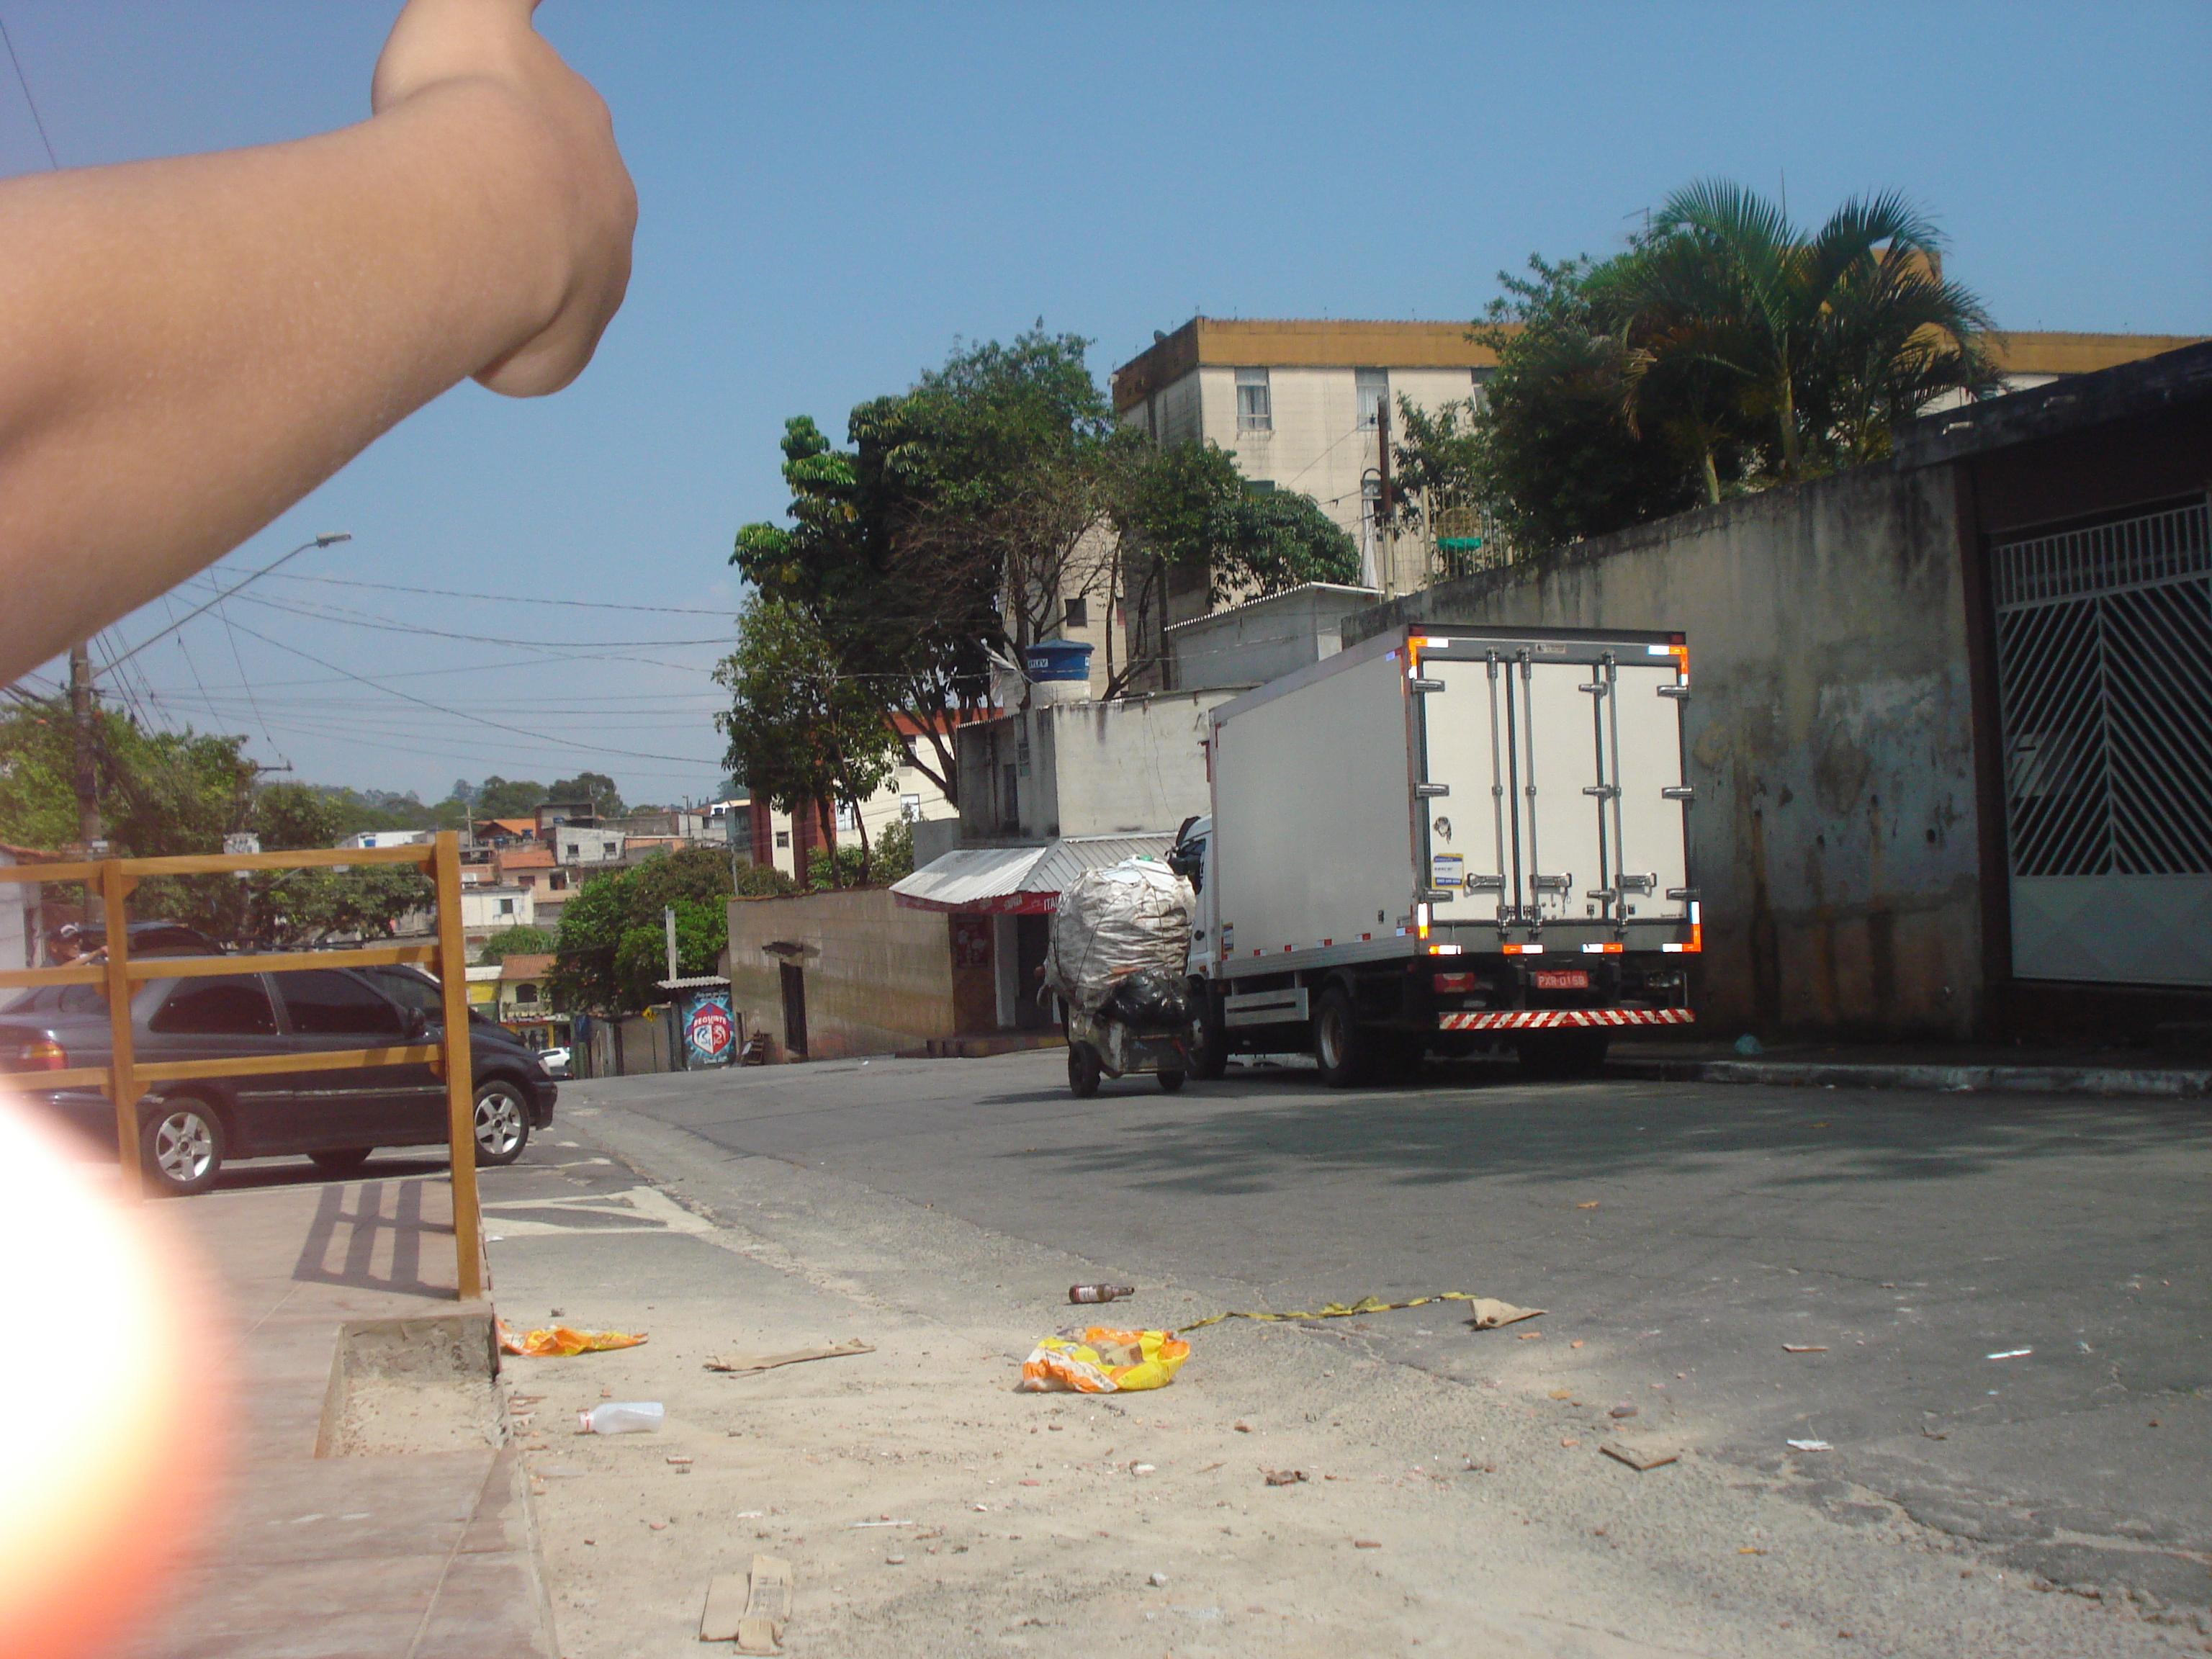 Enzo: Caminhão ocupando espaço na rua.